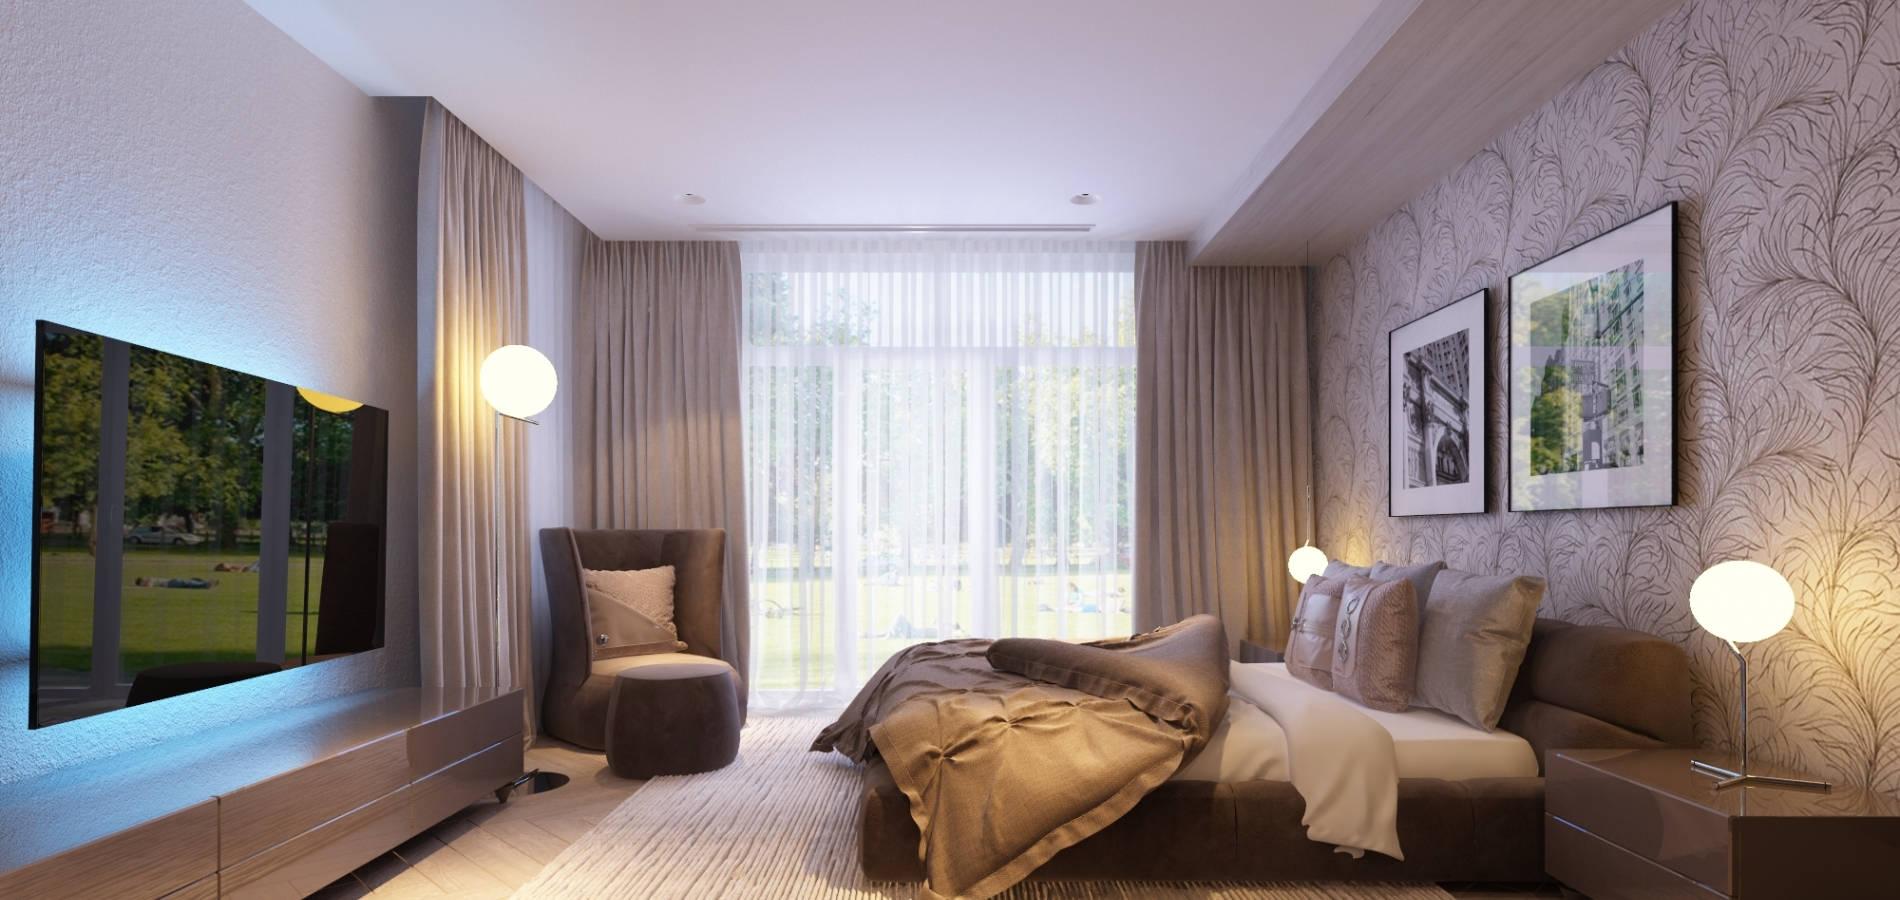 Спальня з мякими підголовниками SMD_209